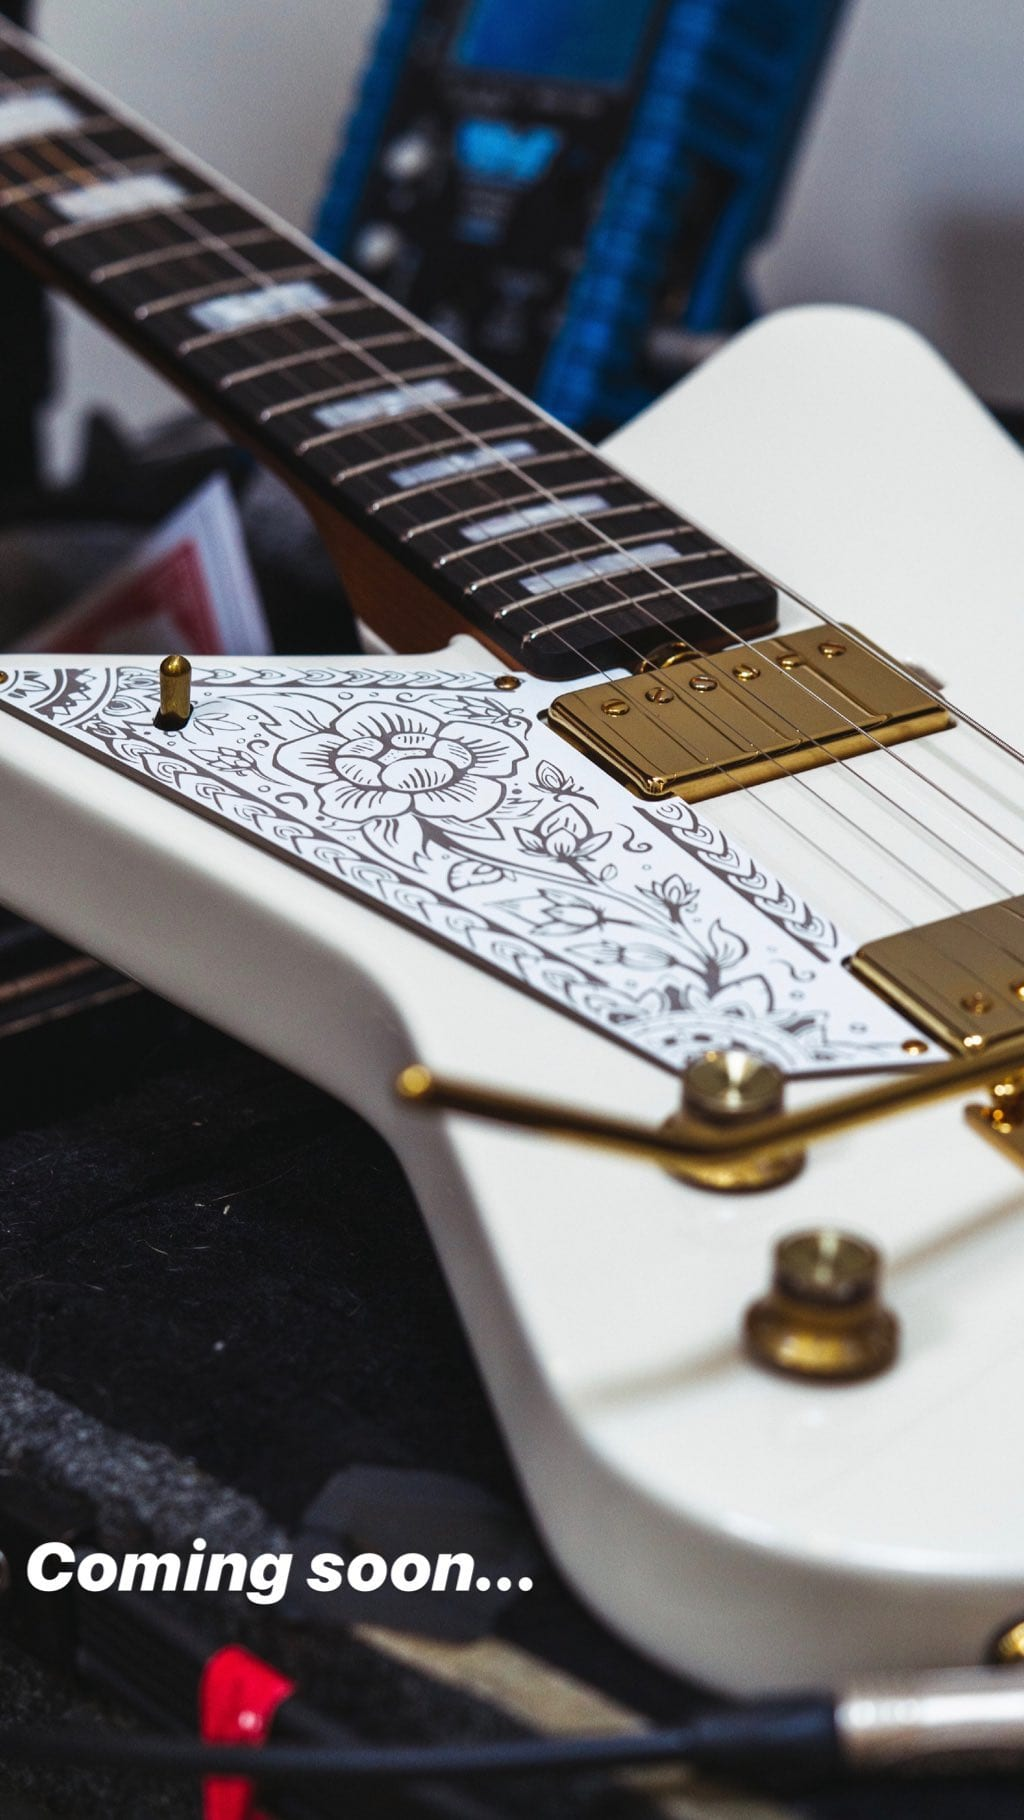 MusicMan Mariposa teaser